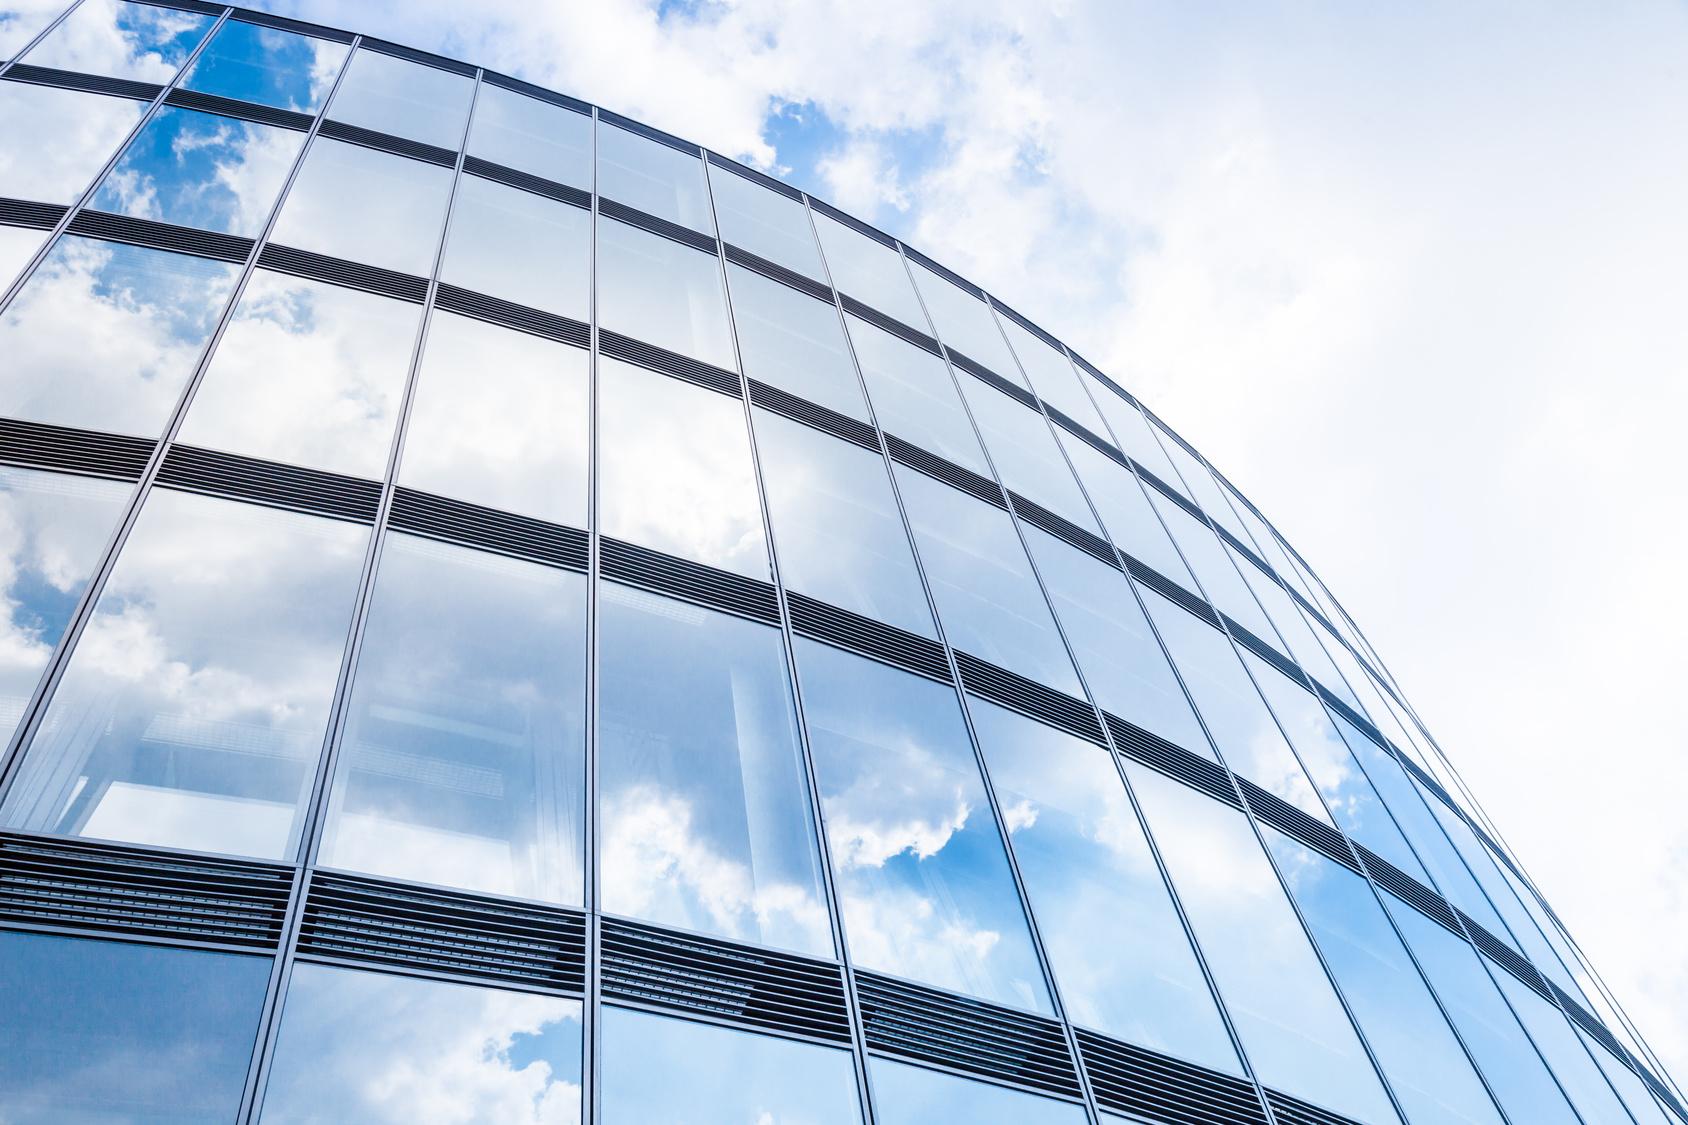 Imagen de un edificio con cristaleras azules y con el cielo azul de fonto